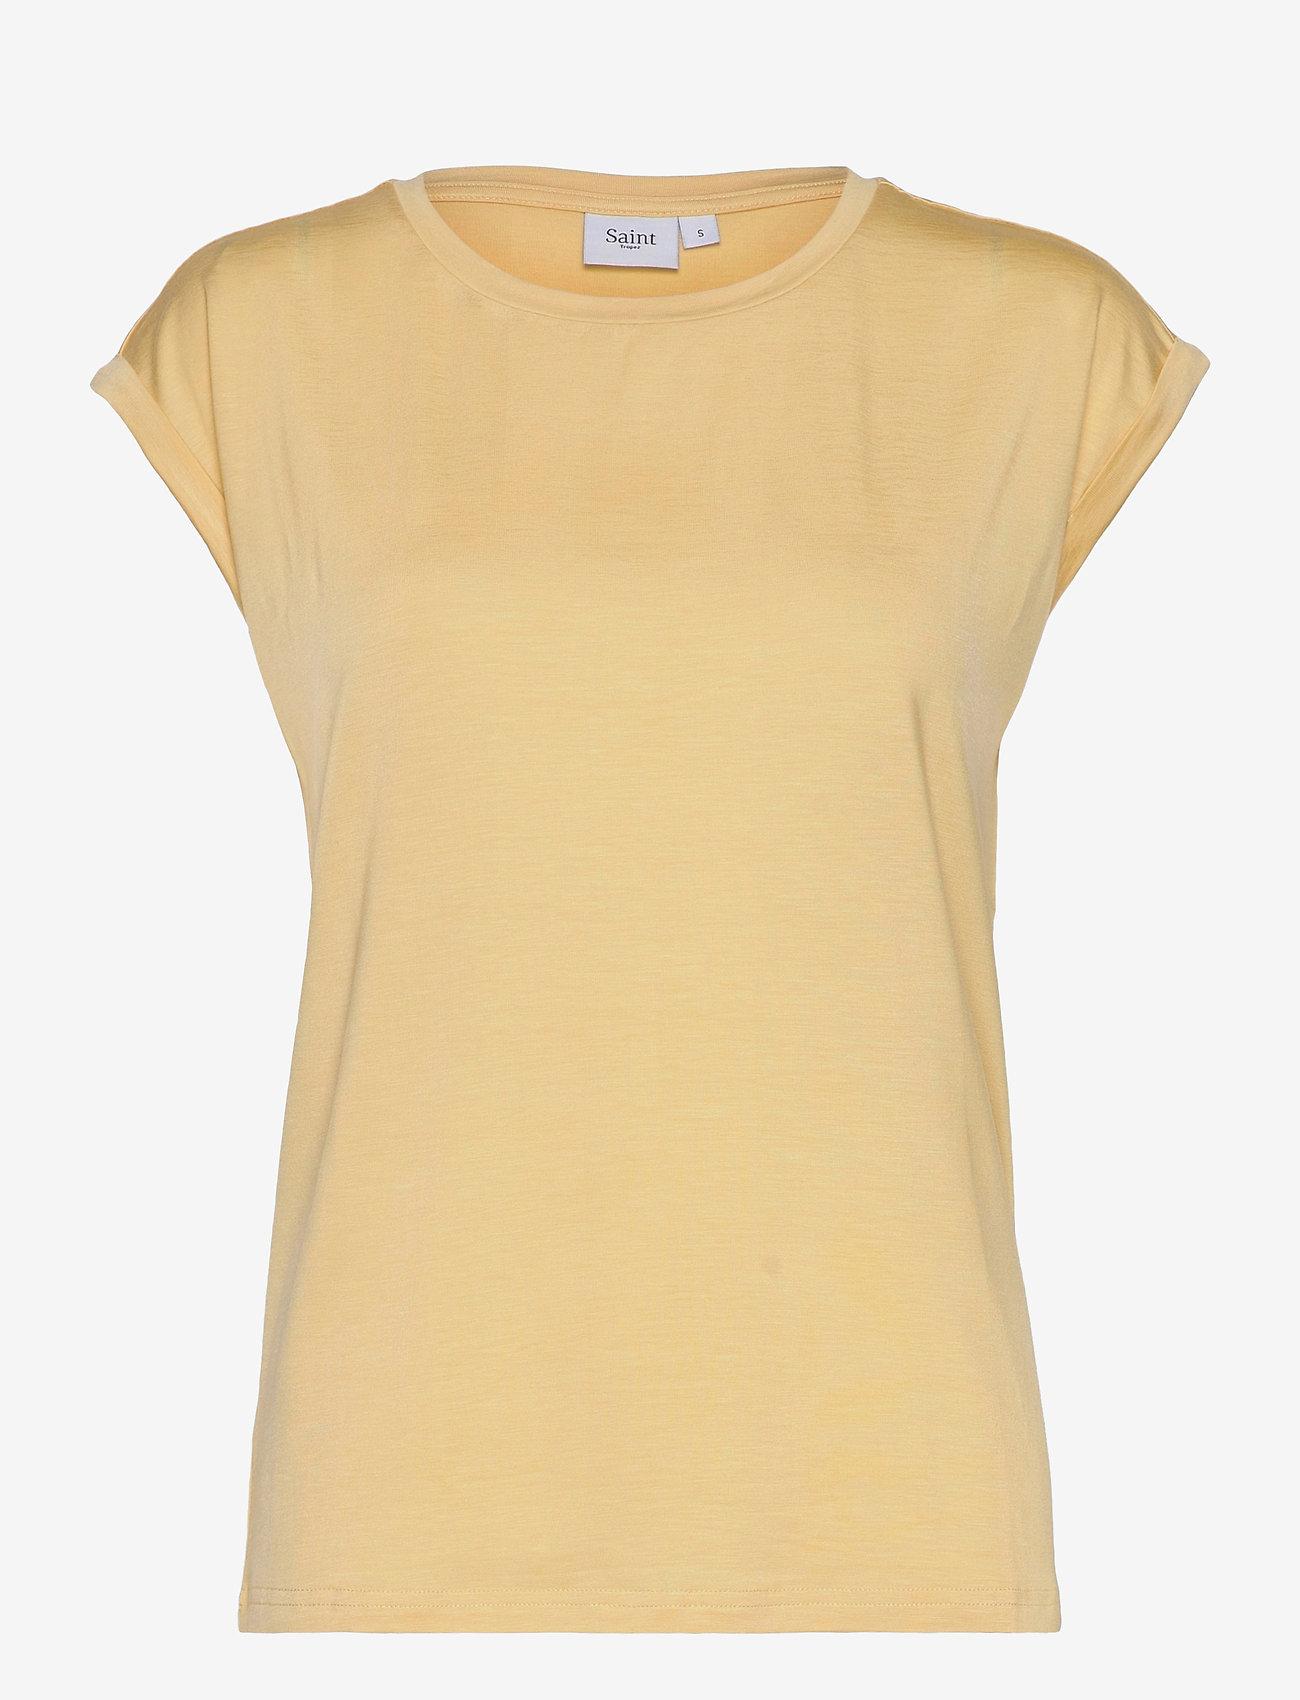 Saint Tropez - U1520, JERSEY TEE S/S - t-shirts - straw - 1